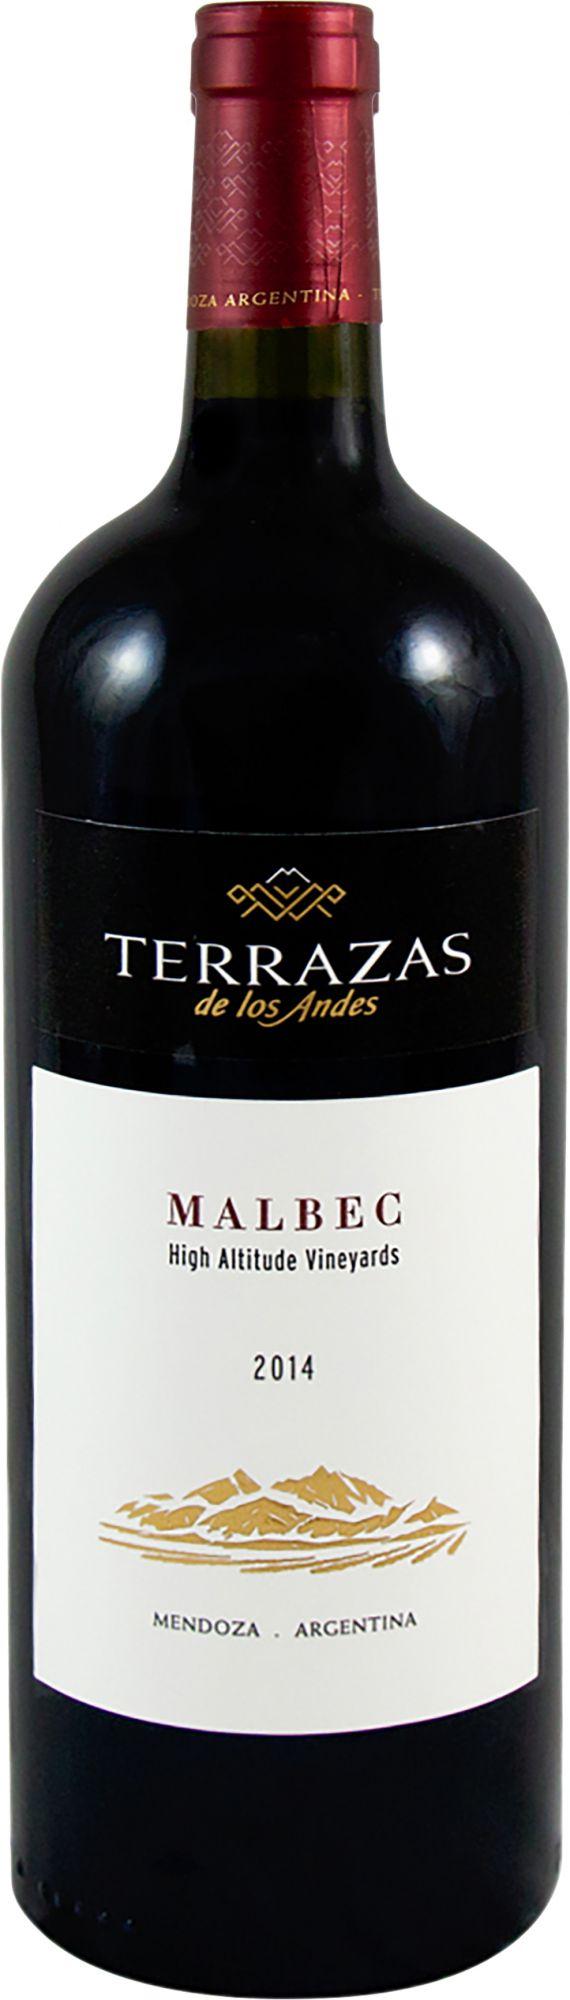 Terrazas De Los Andes Malbec Mendoza